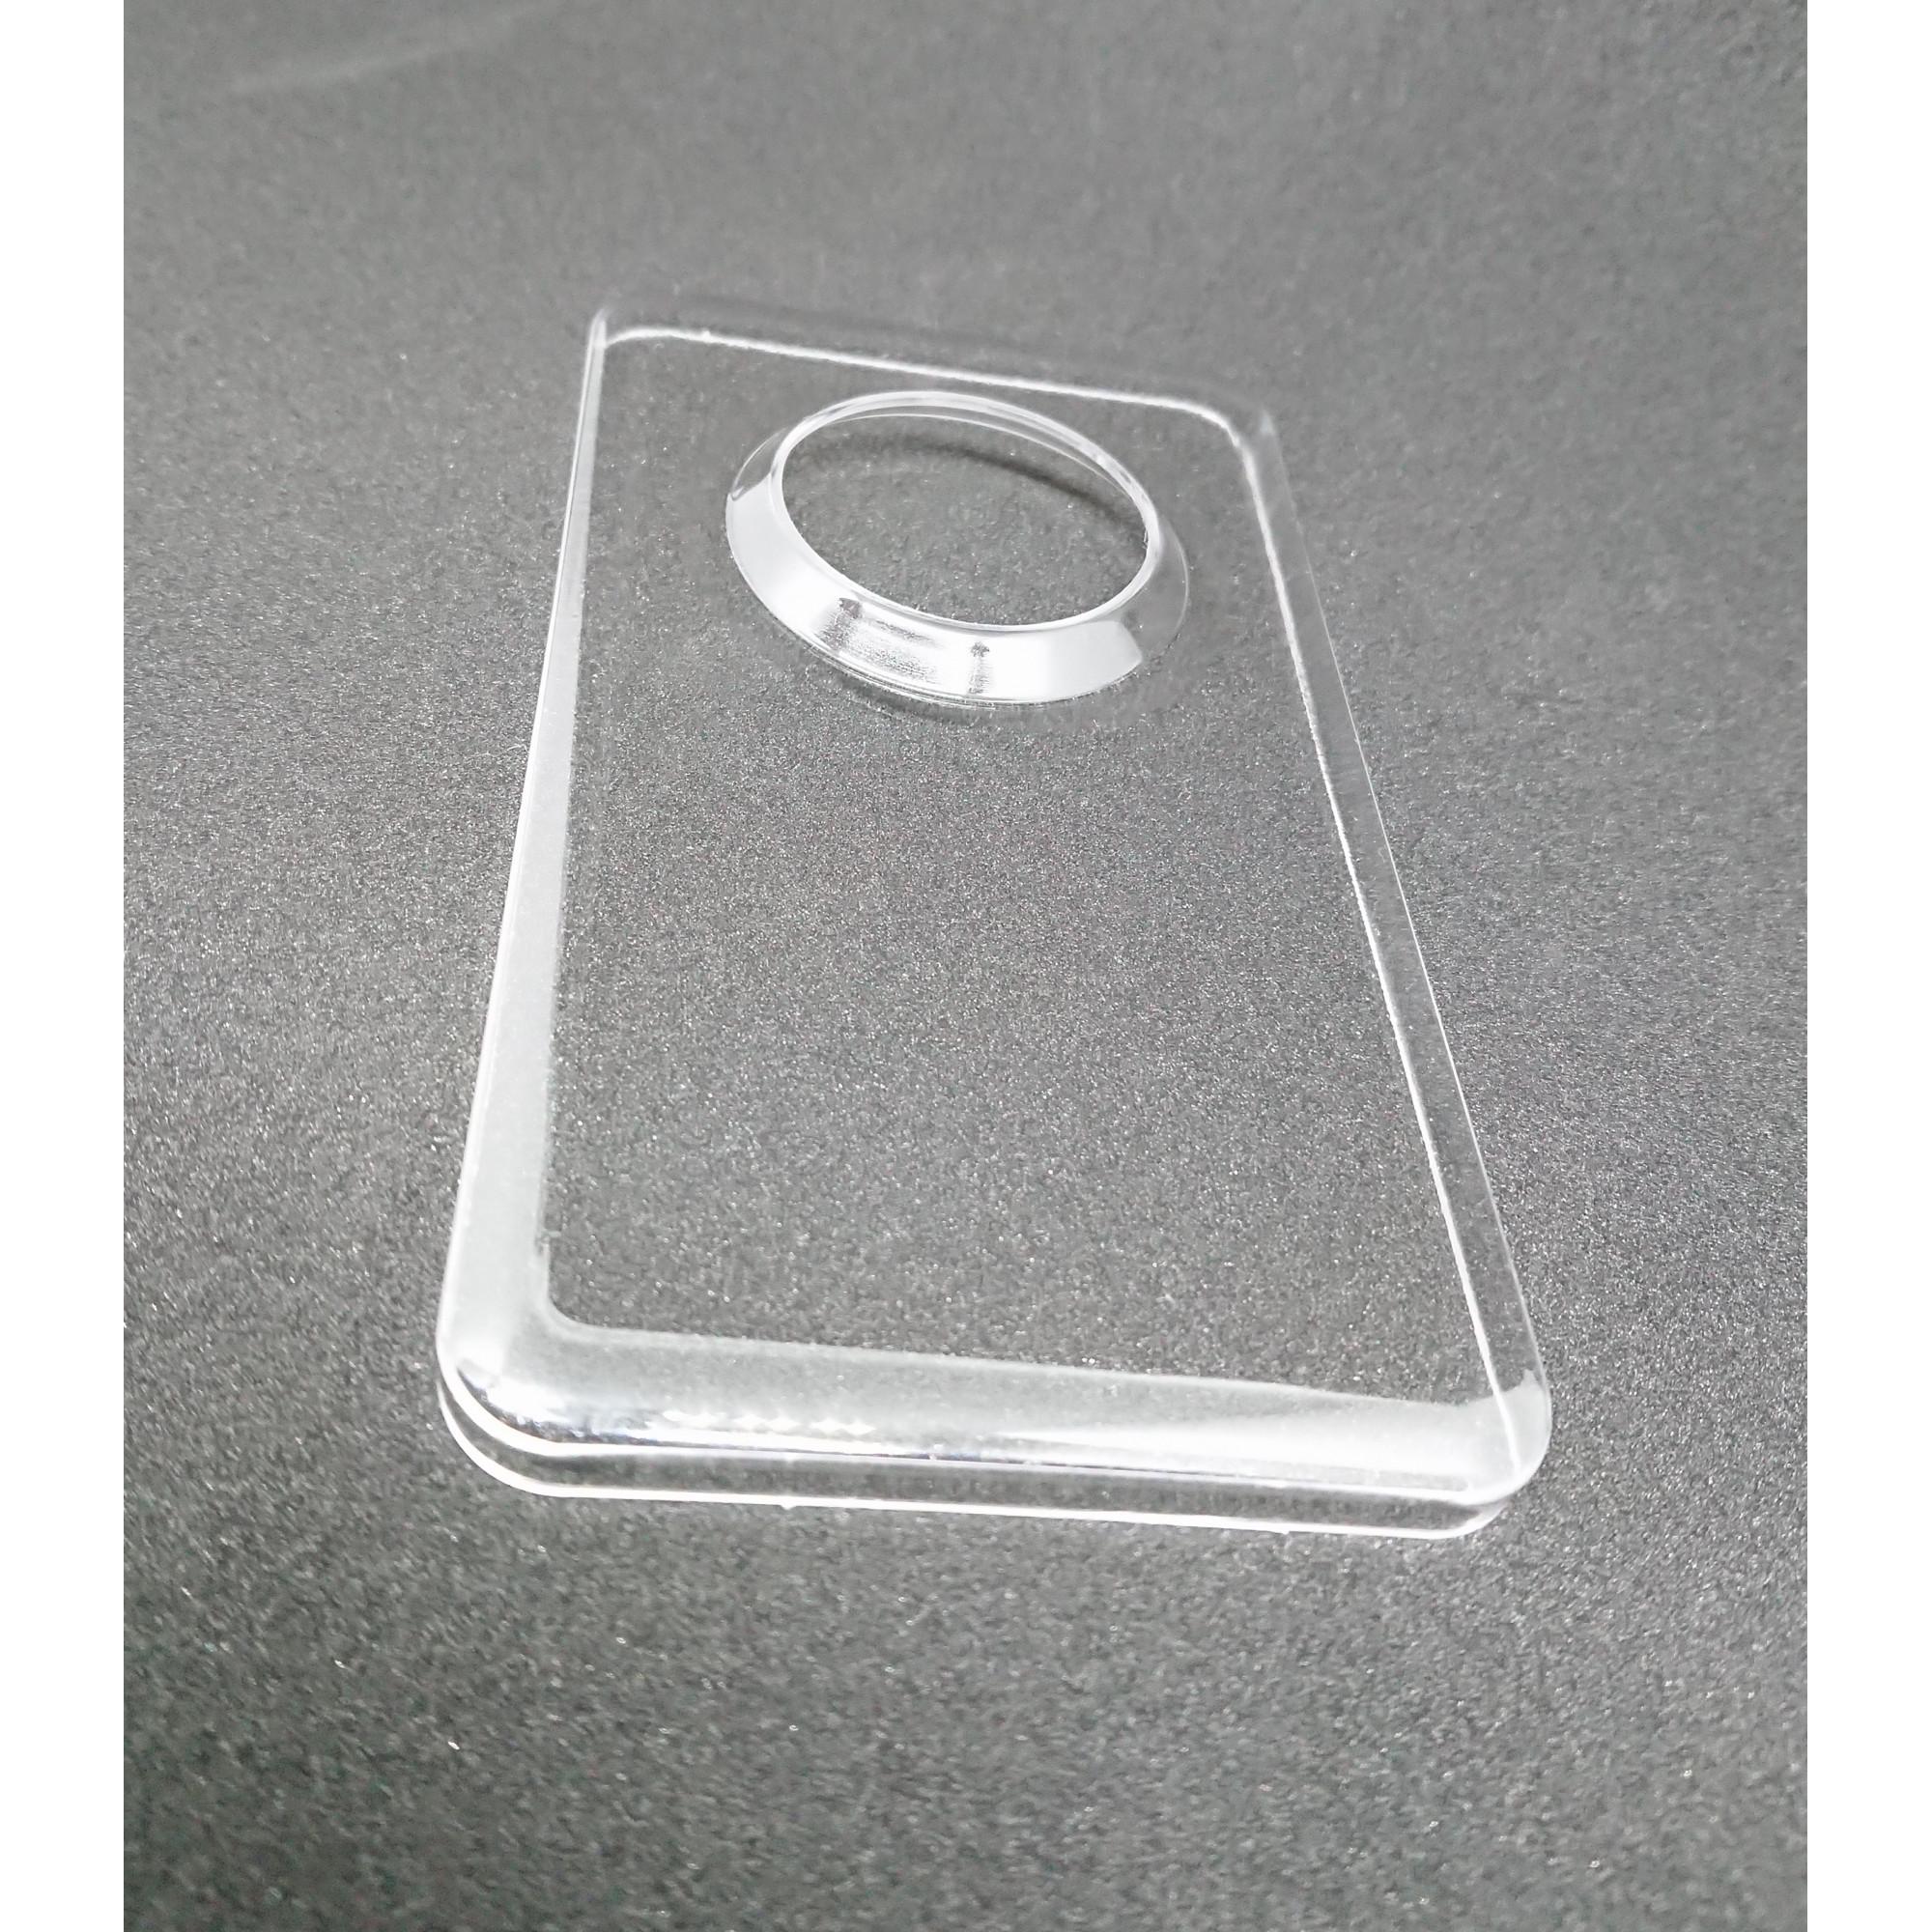 Coques de protection transparentes pour micromoteur K38